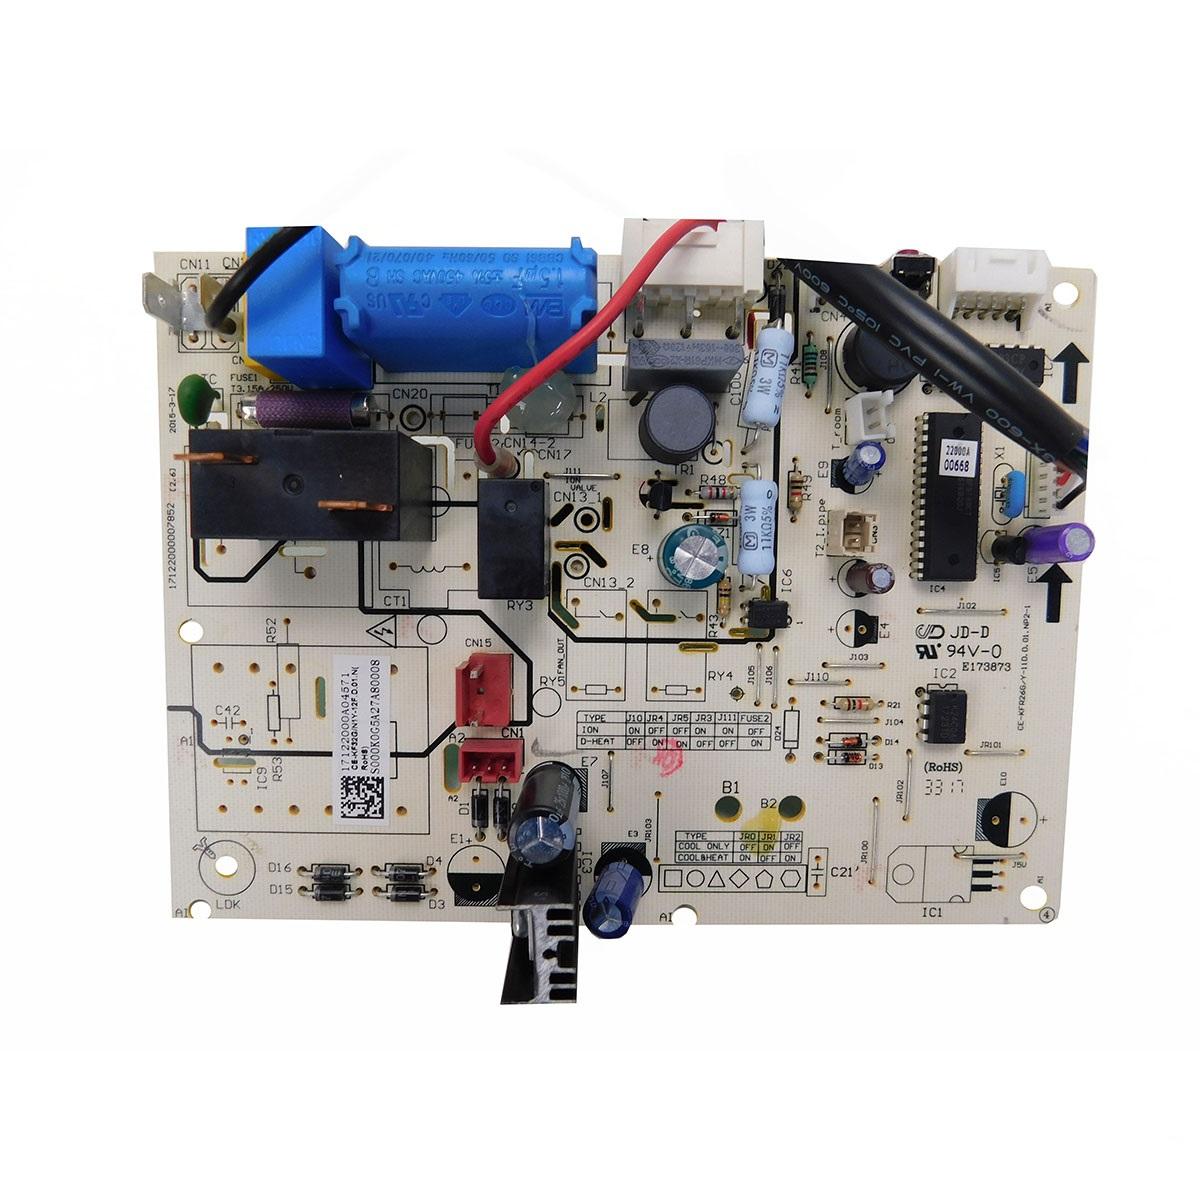 Placa Eletrônica Evaporadora Springer Midea 12.000 Btus 2013324A0331